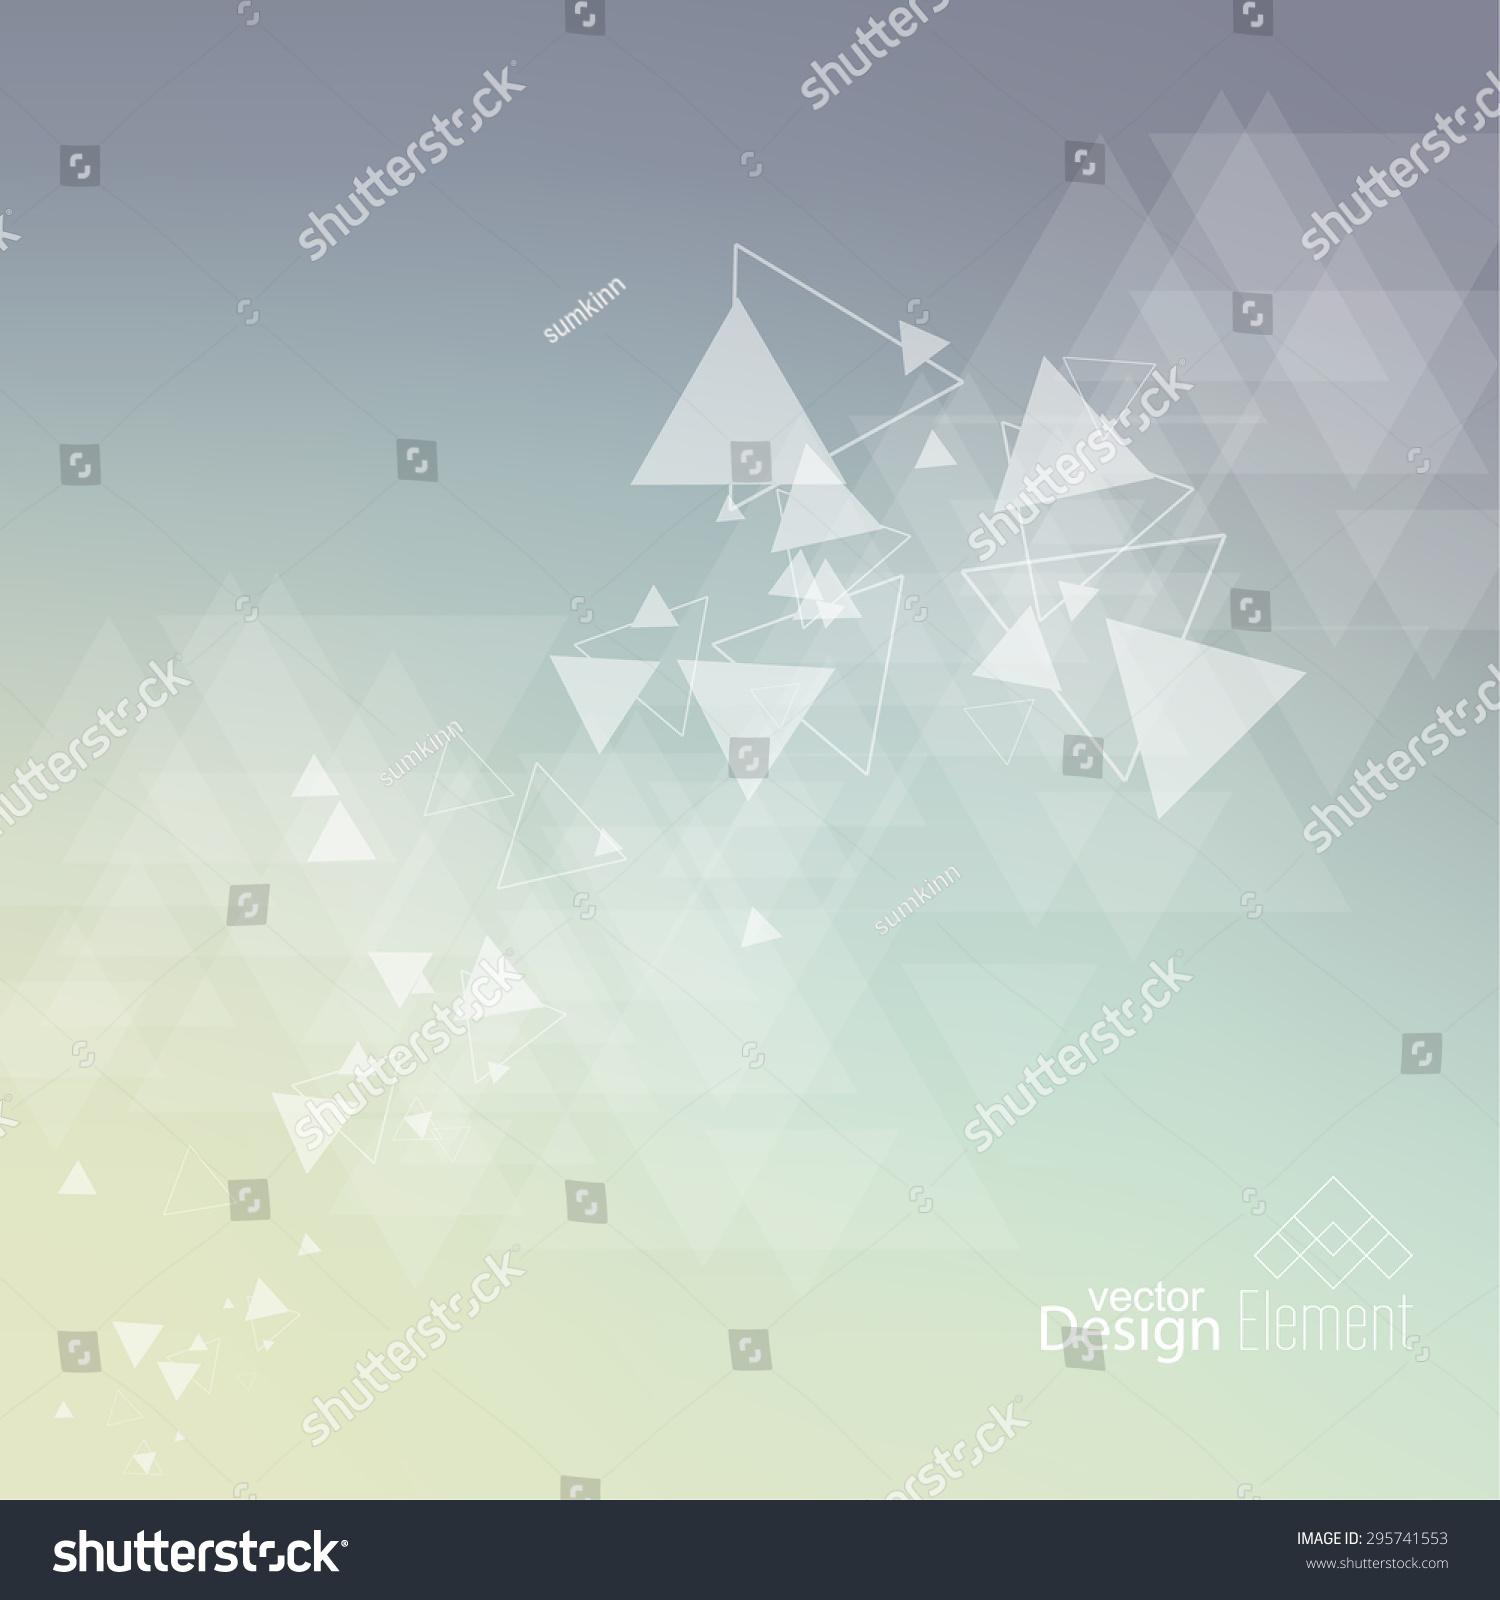 抽象模糊背景,潮人流飞三角形碎片。三角形模式的背景。封面的书,小册子,传单,海报,杂志,cd封面设计,t恤。矢量设计。-背景/素材,抽象-海洛创意(HelloRF)-Shutterstock中国独家合作伙伴-正版素材在线交易平台-站酷旗下品牌